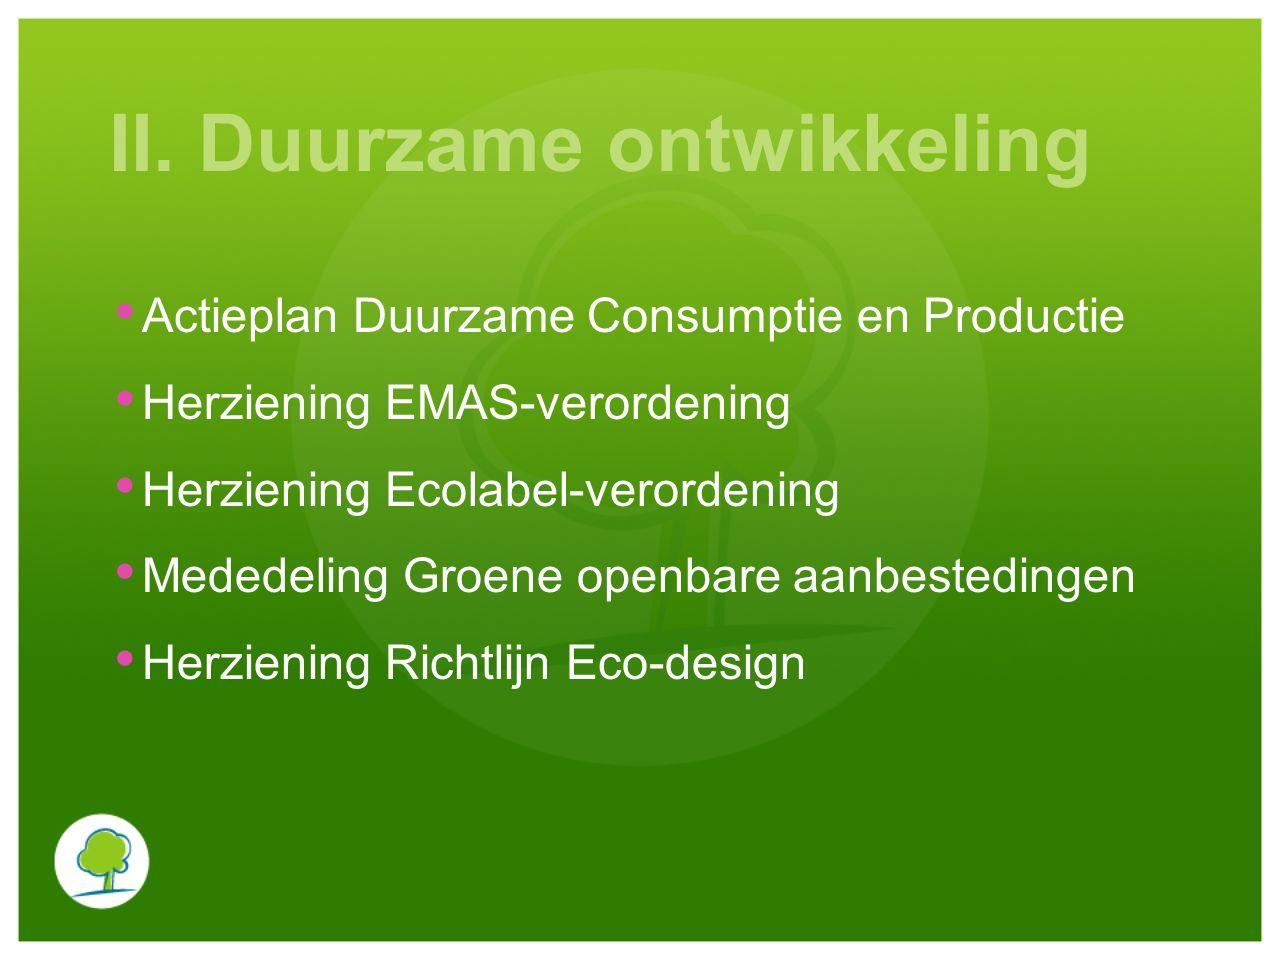 II. Duurzame ontwikkeling Actieplan Duurzame Consumptie en Productie Herziening EMAS-verordening Herziening Ecolabel-verordening Mededeling Groene ope